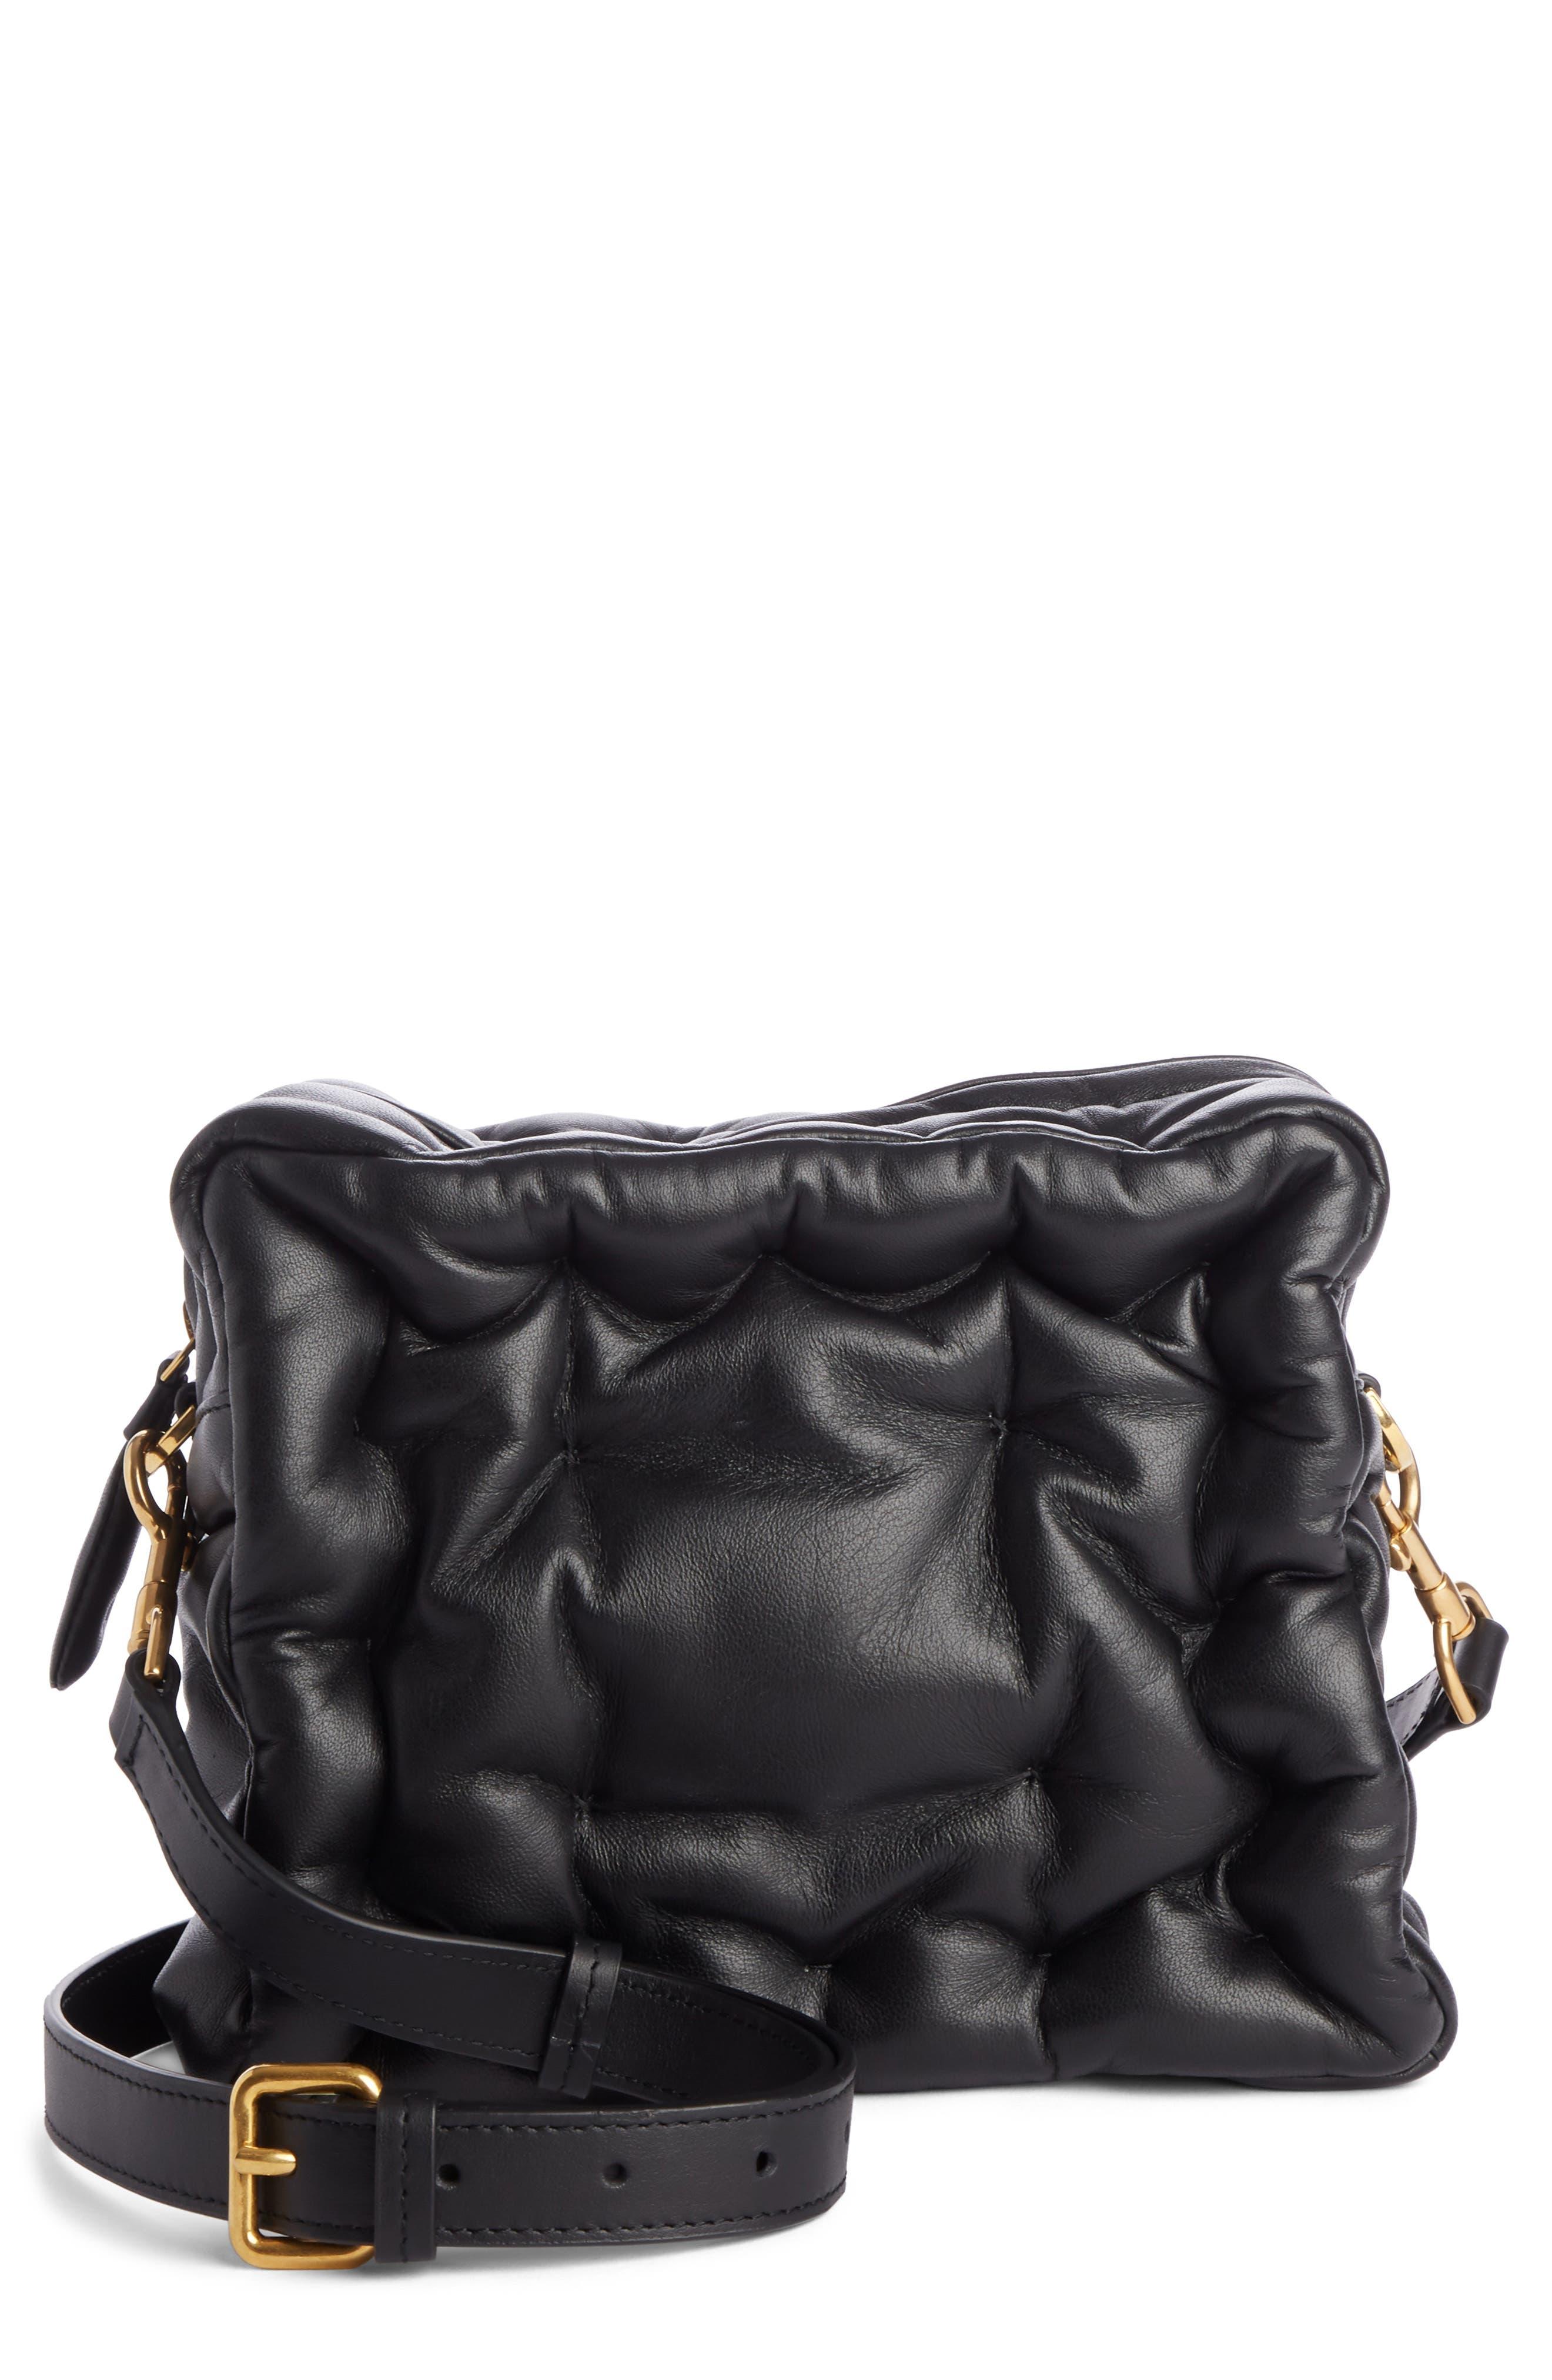 Anya Hindmarch Chubby Cube Leather Crossbody Bag